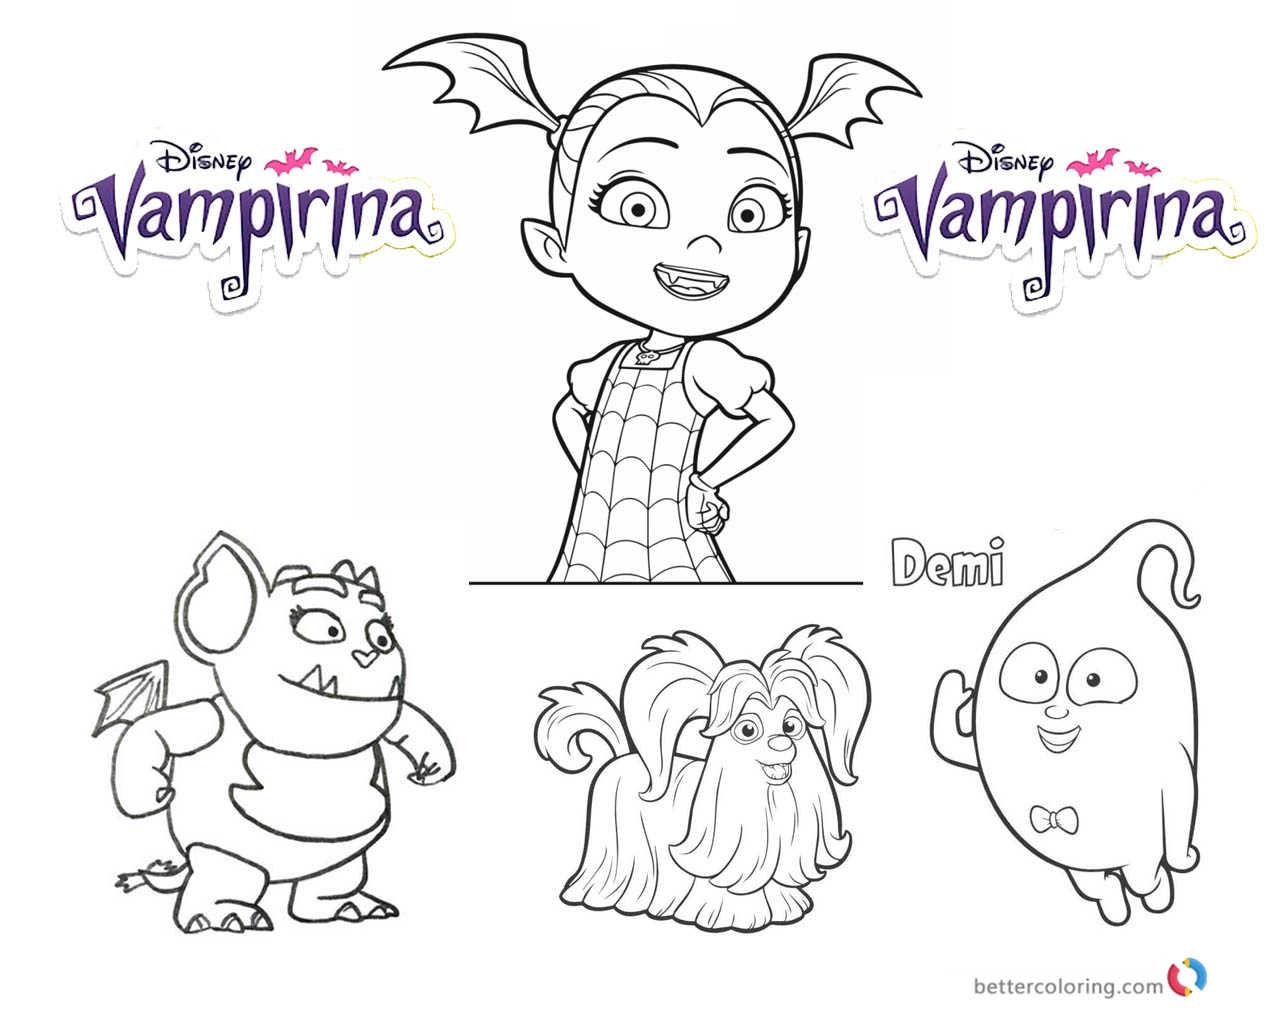 Disney Vampirina Coloring Book Imágenes De Pj Masks Para Colorear